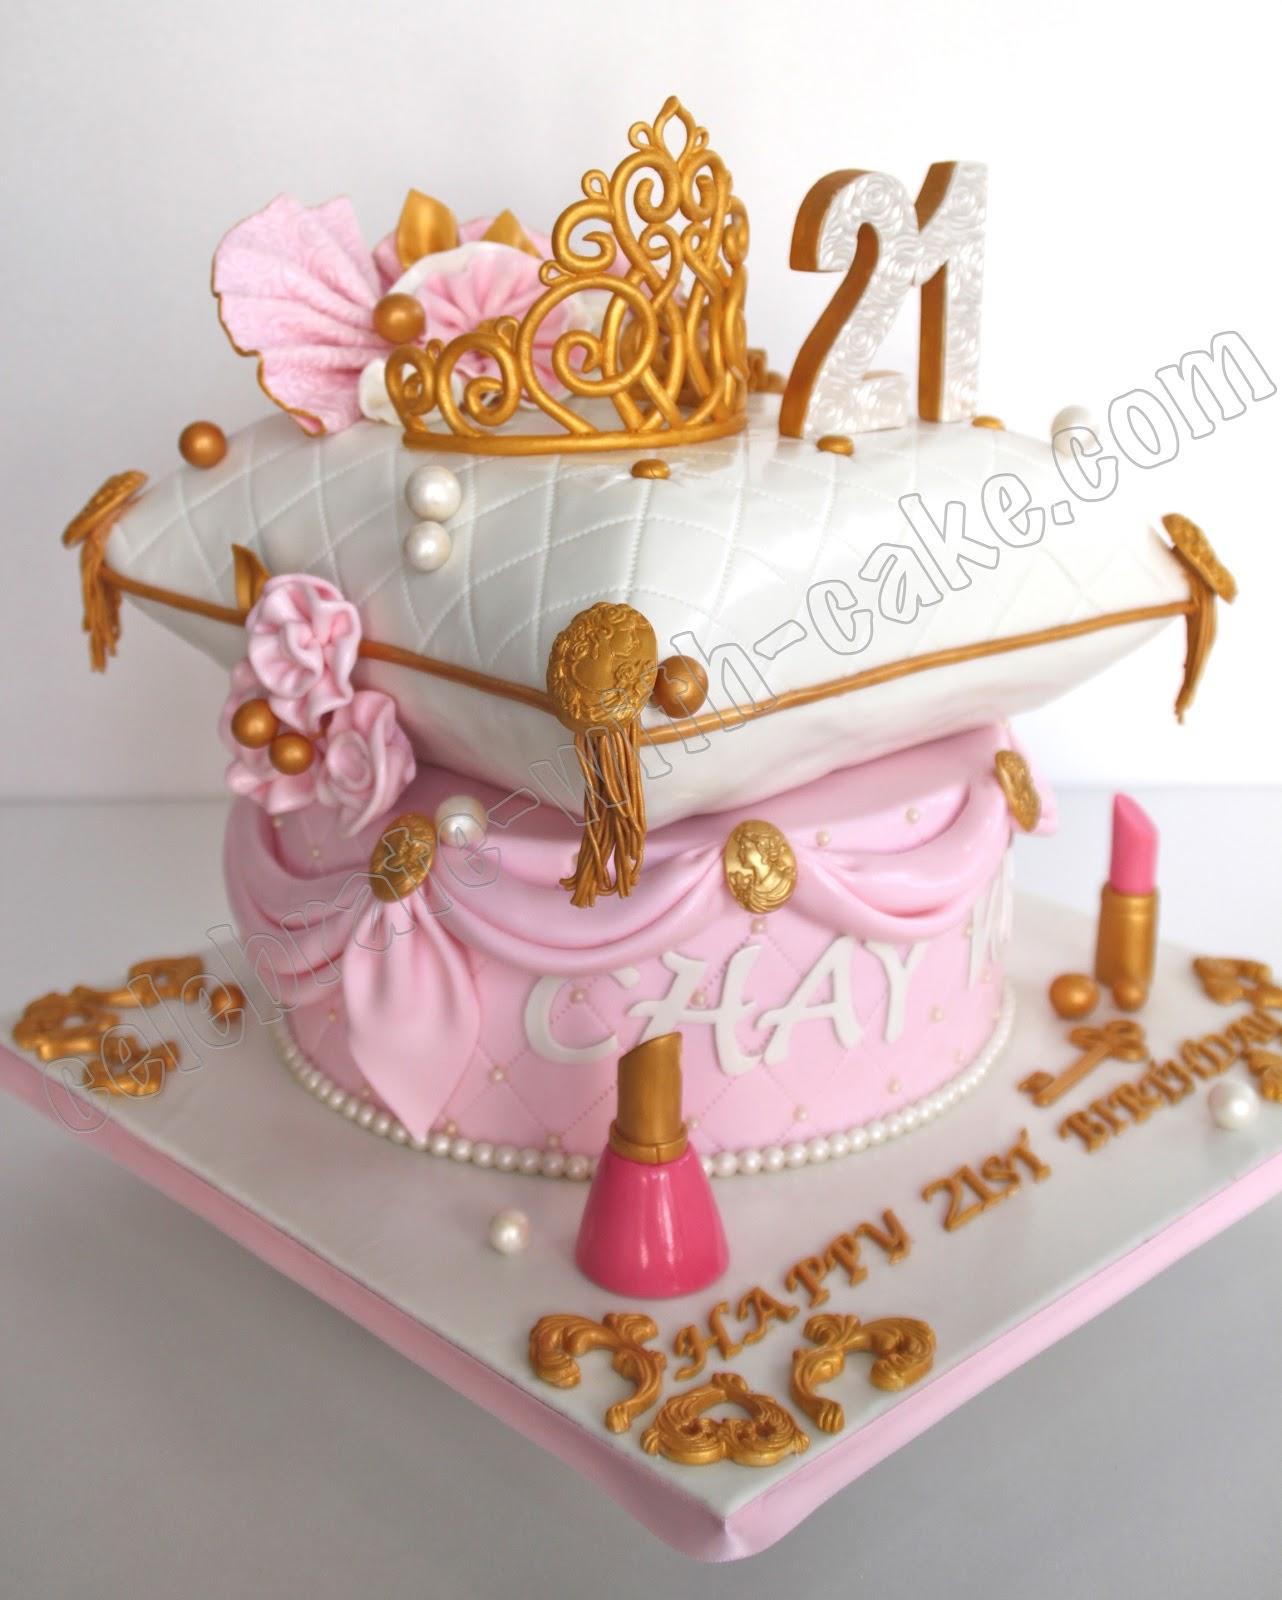 Princess Themed Birthday Cake Singapore